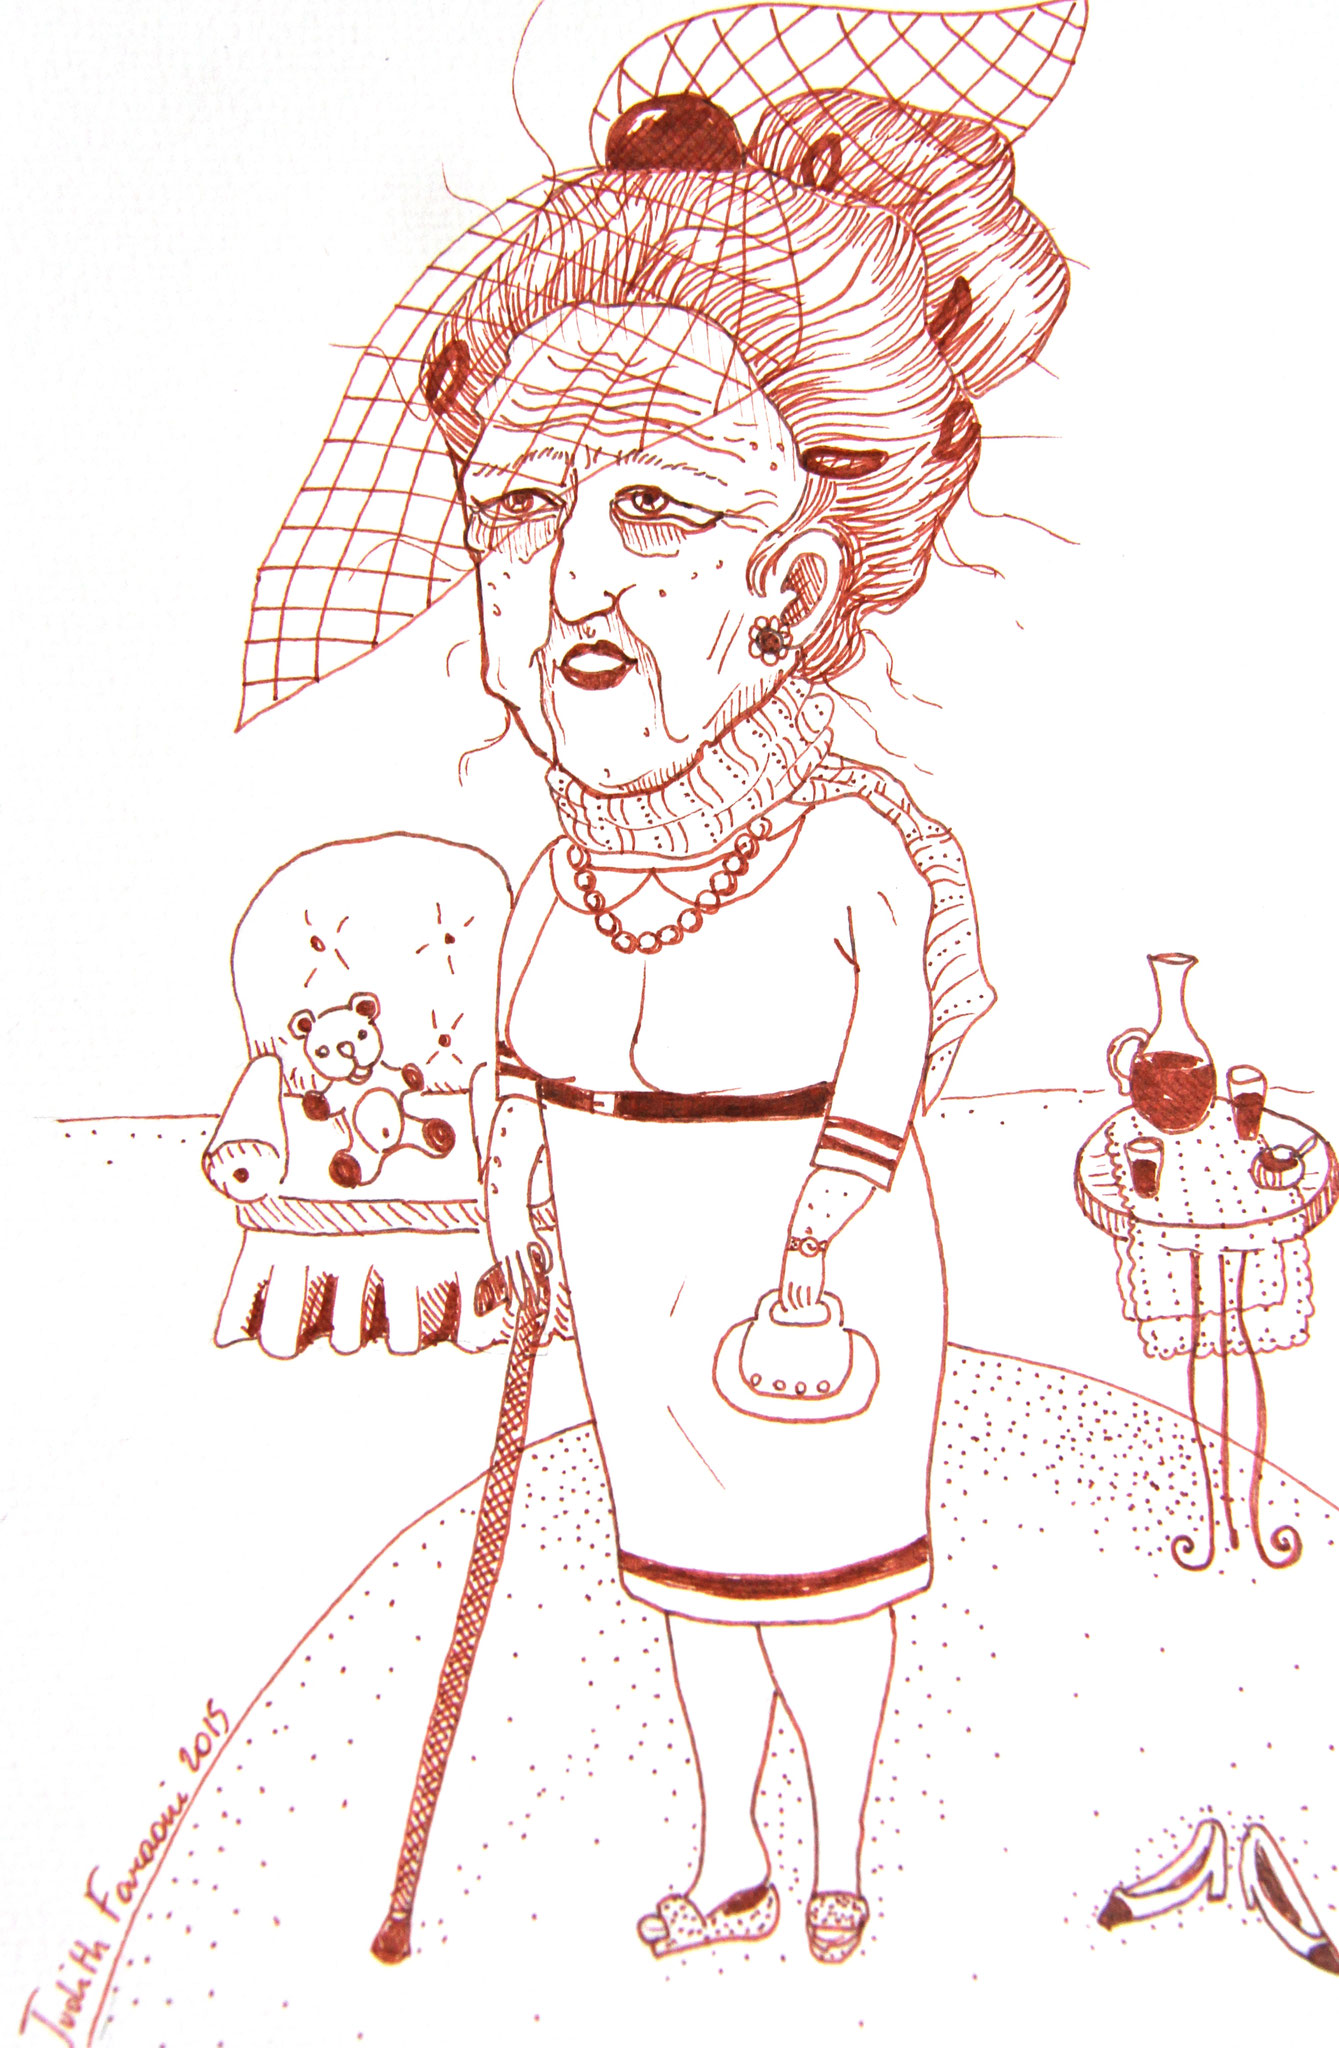 'Madame s'apprête'